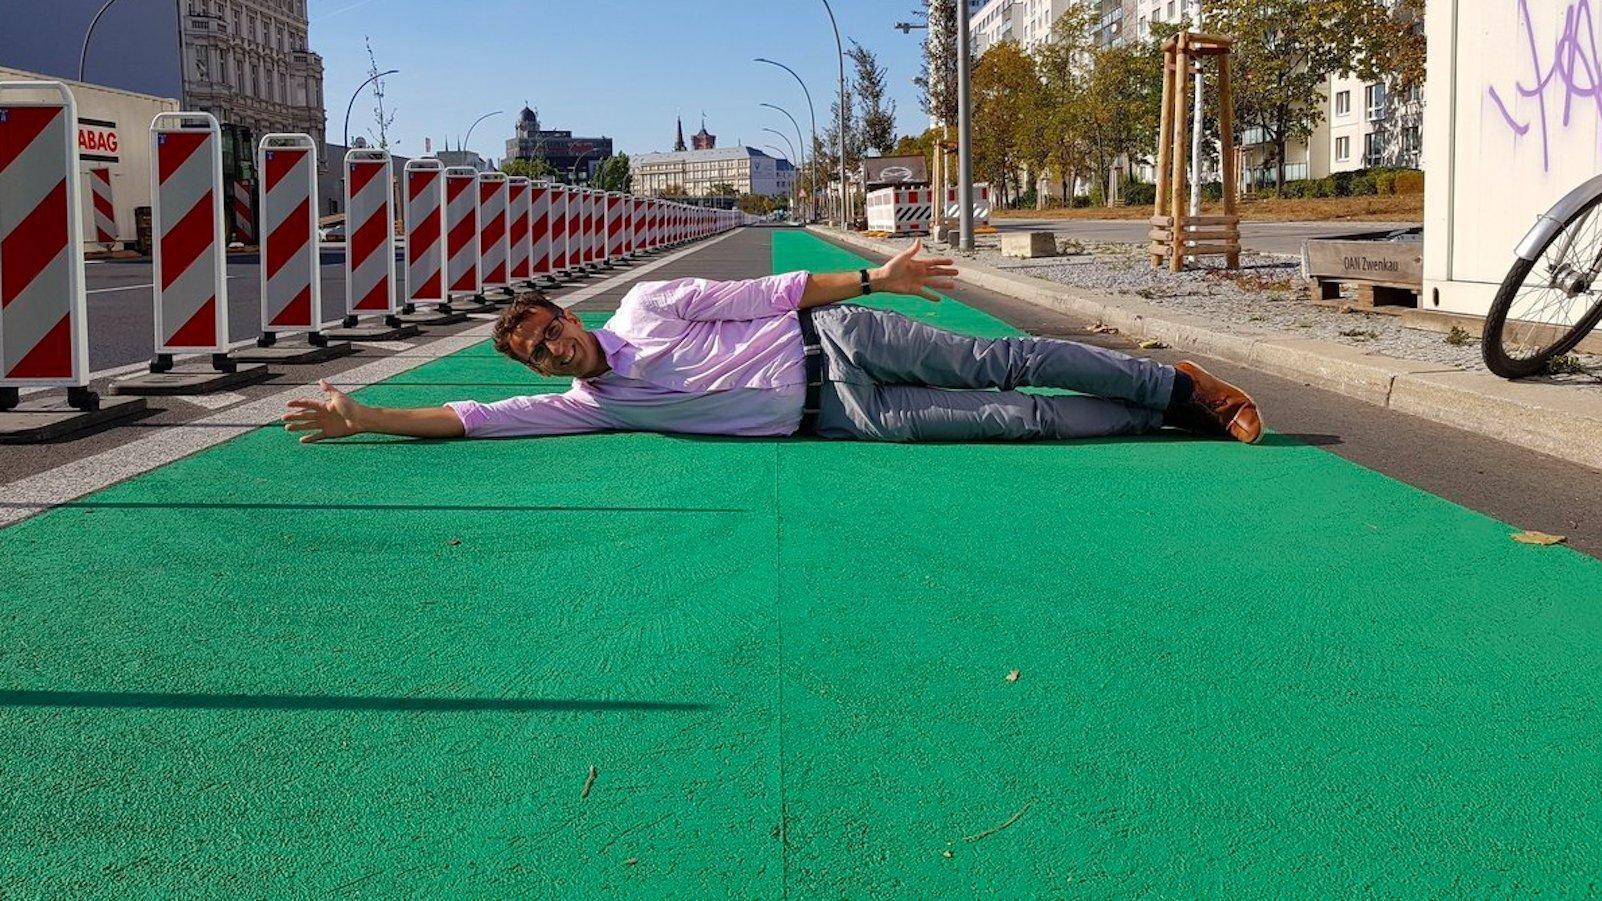 Der Mann liegt quer mit ausgestreckten Armen auf einem grünen Radweg und lächelt in die Kamera. Der Himmel ist blau.